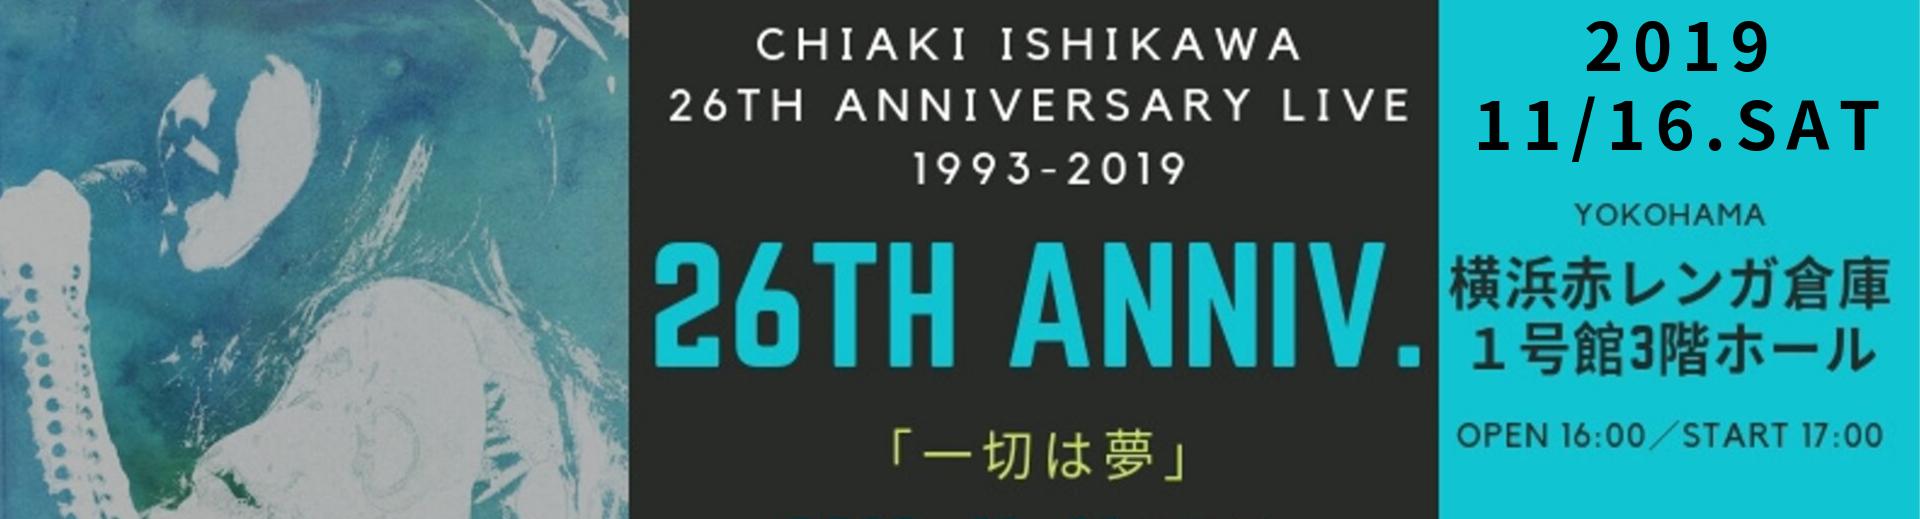 2019年11月16日(土) CHIAKI ISHIKAWA 26th Anniversary Live 1993-2019 「一切は夢」